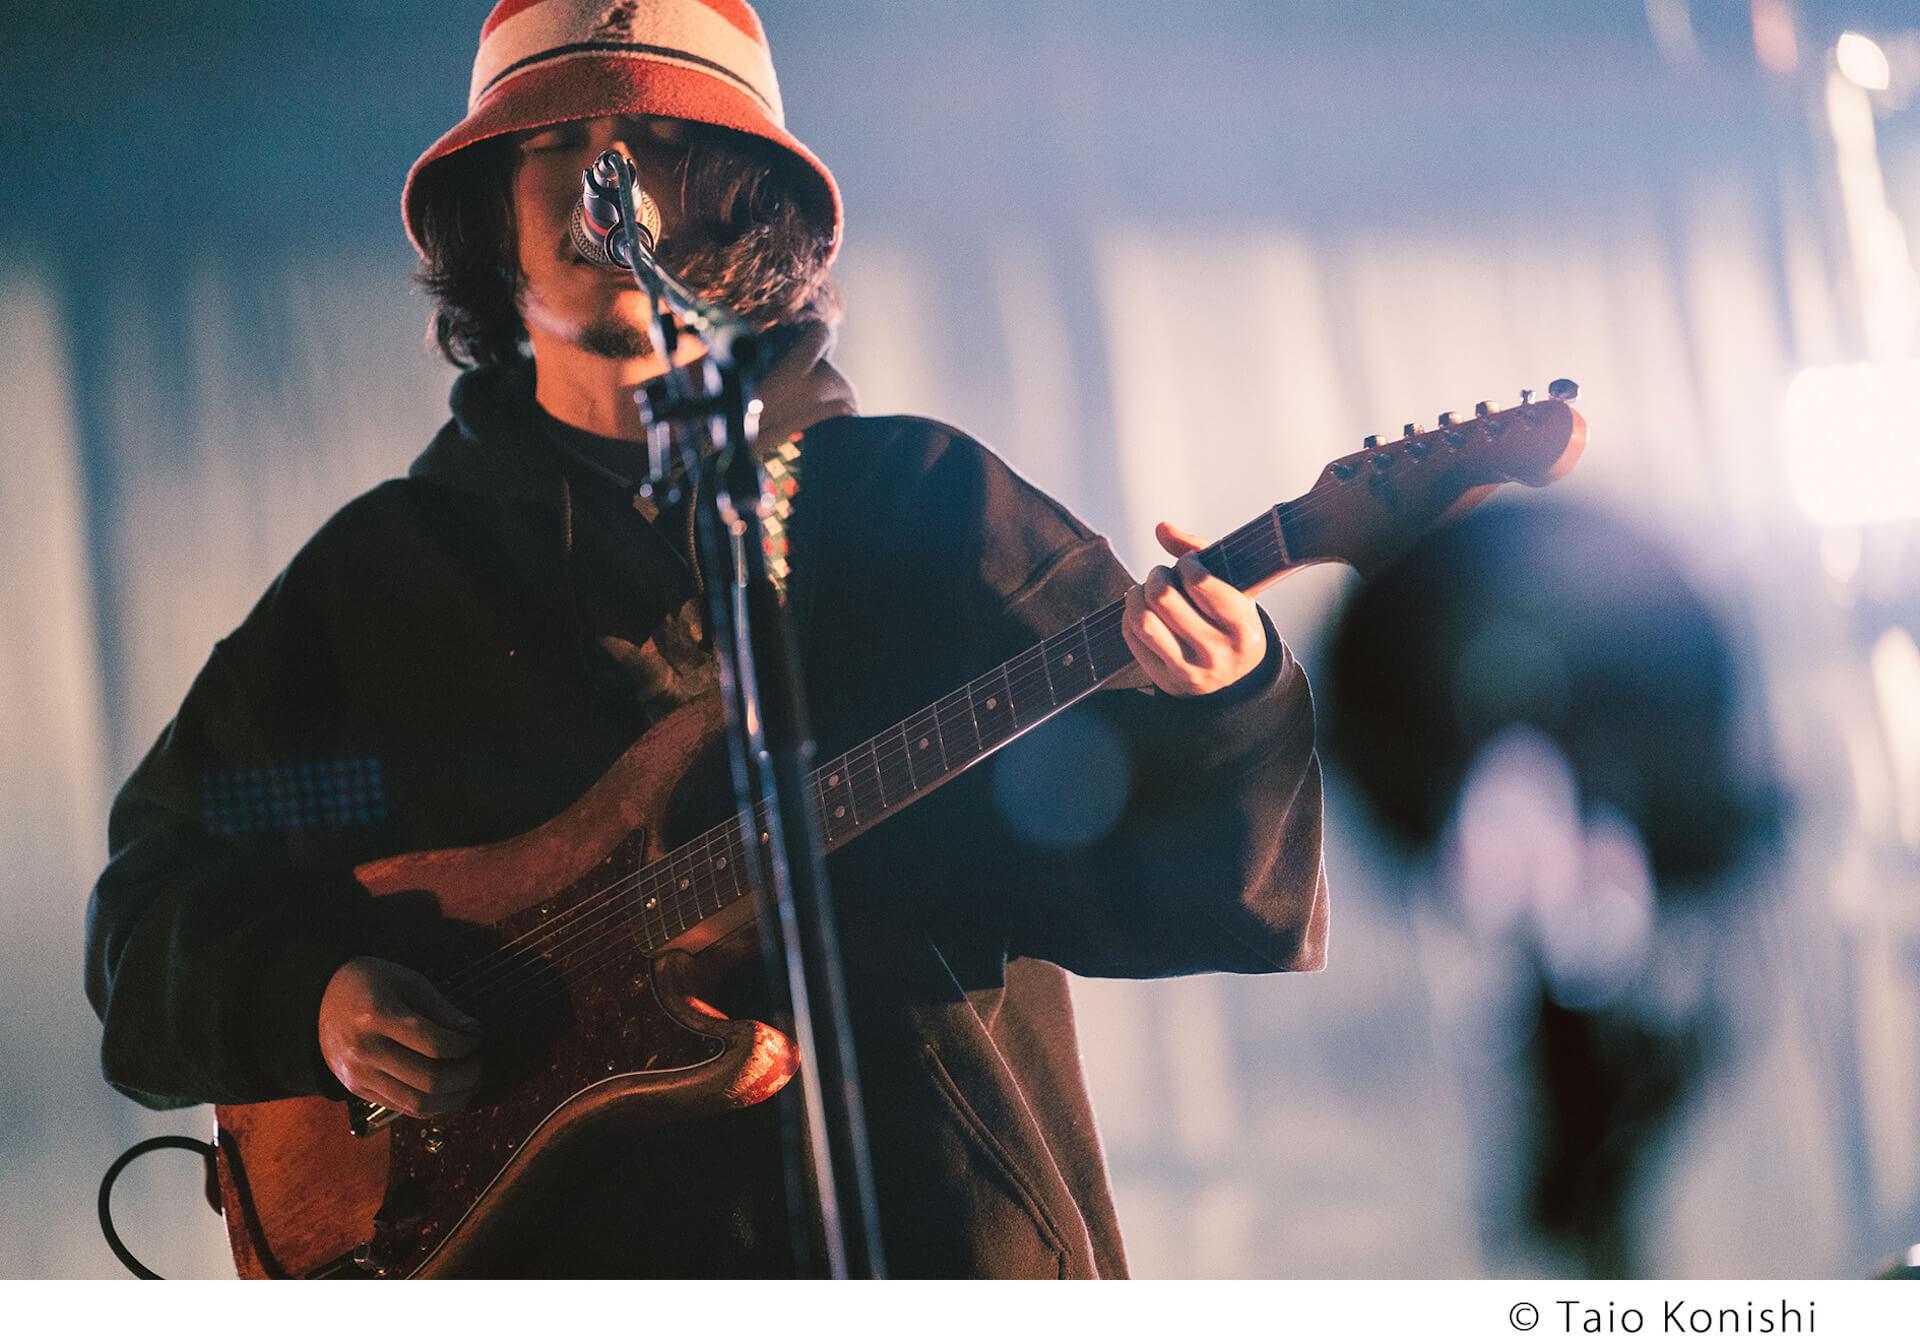 折坂悠太、カネコアヤノ、PUNPEEらが熱演!<KEEP ON FUJI ROCKIN' II >のオフィシャルレポートが公開 music210107_fujirock-019